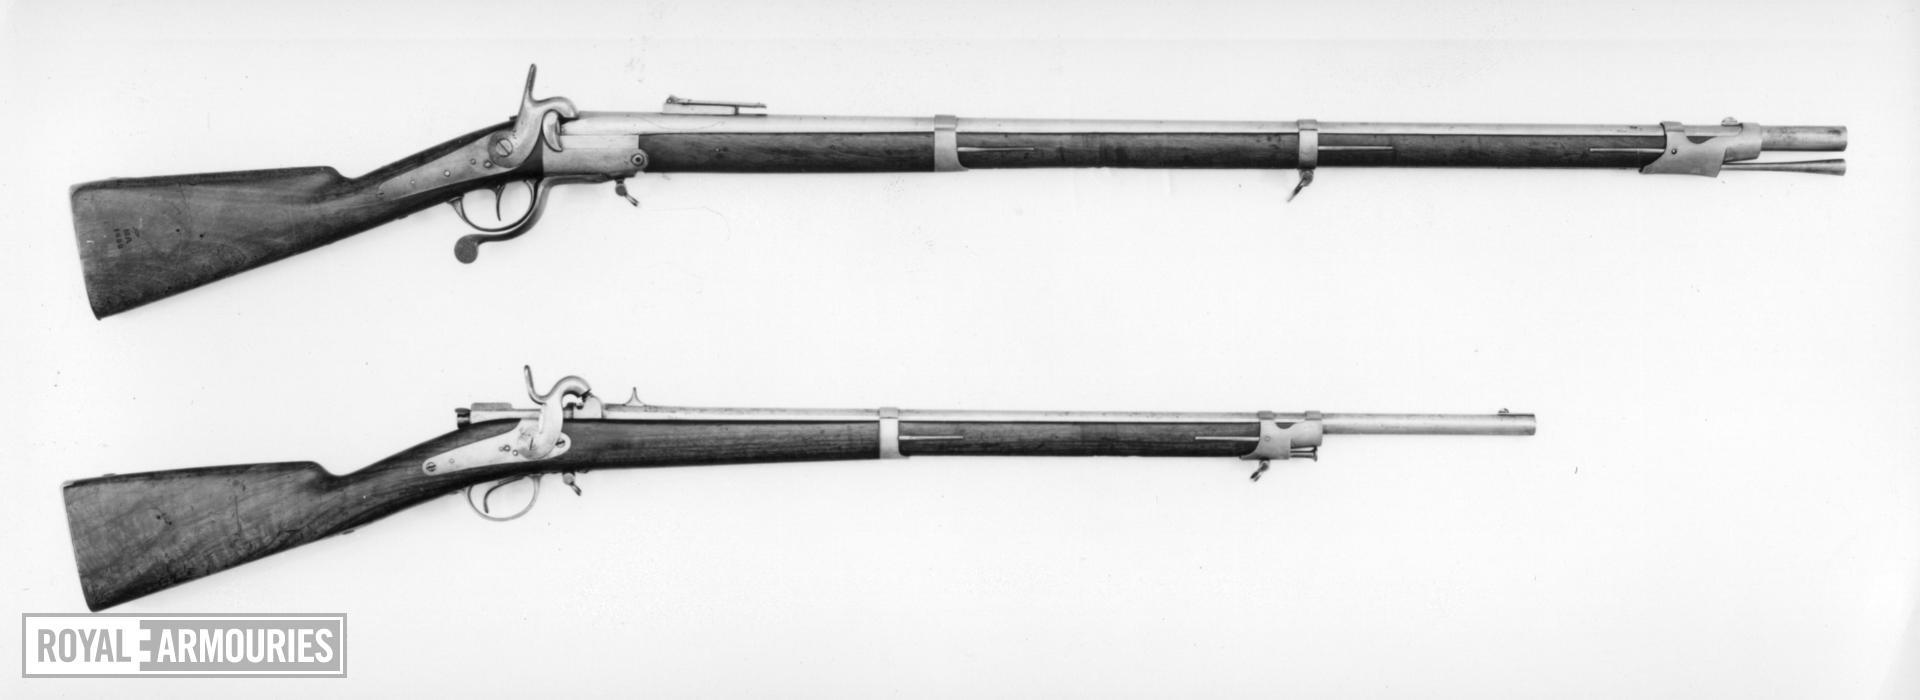 Pinfire breech-loading military rifle - By Albert Bernard